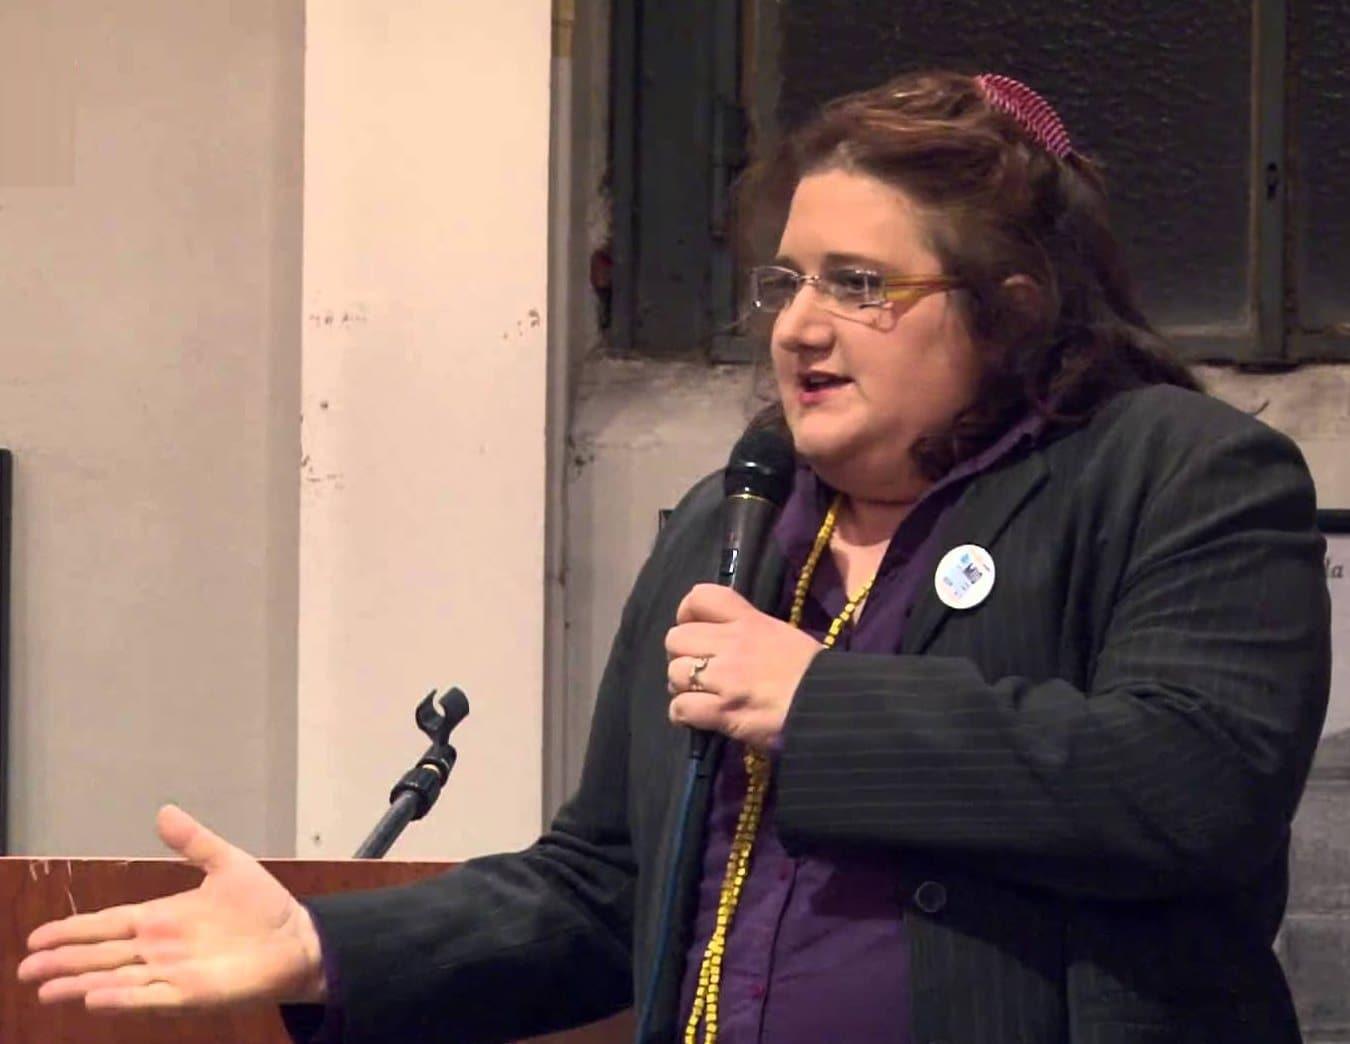 Laura bignami lascia il movimento 5 stelle e il senato for Parlamentari movimento 5 stelle